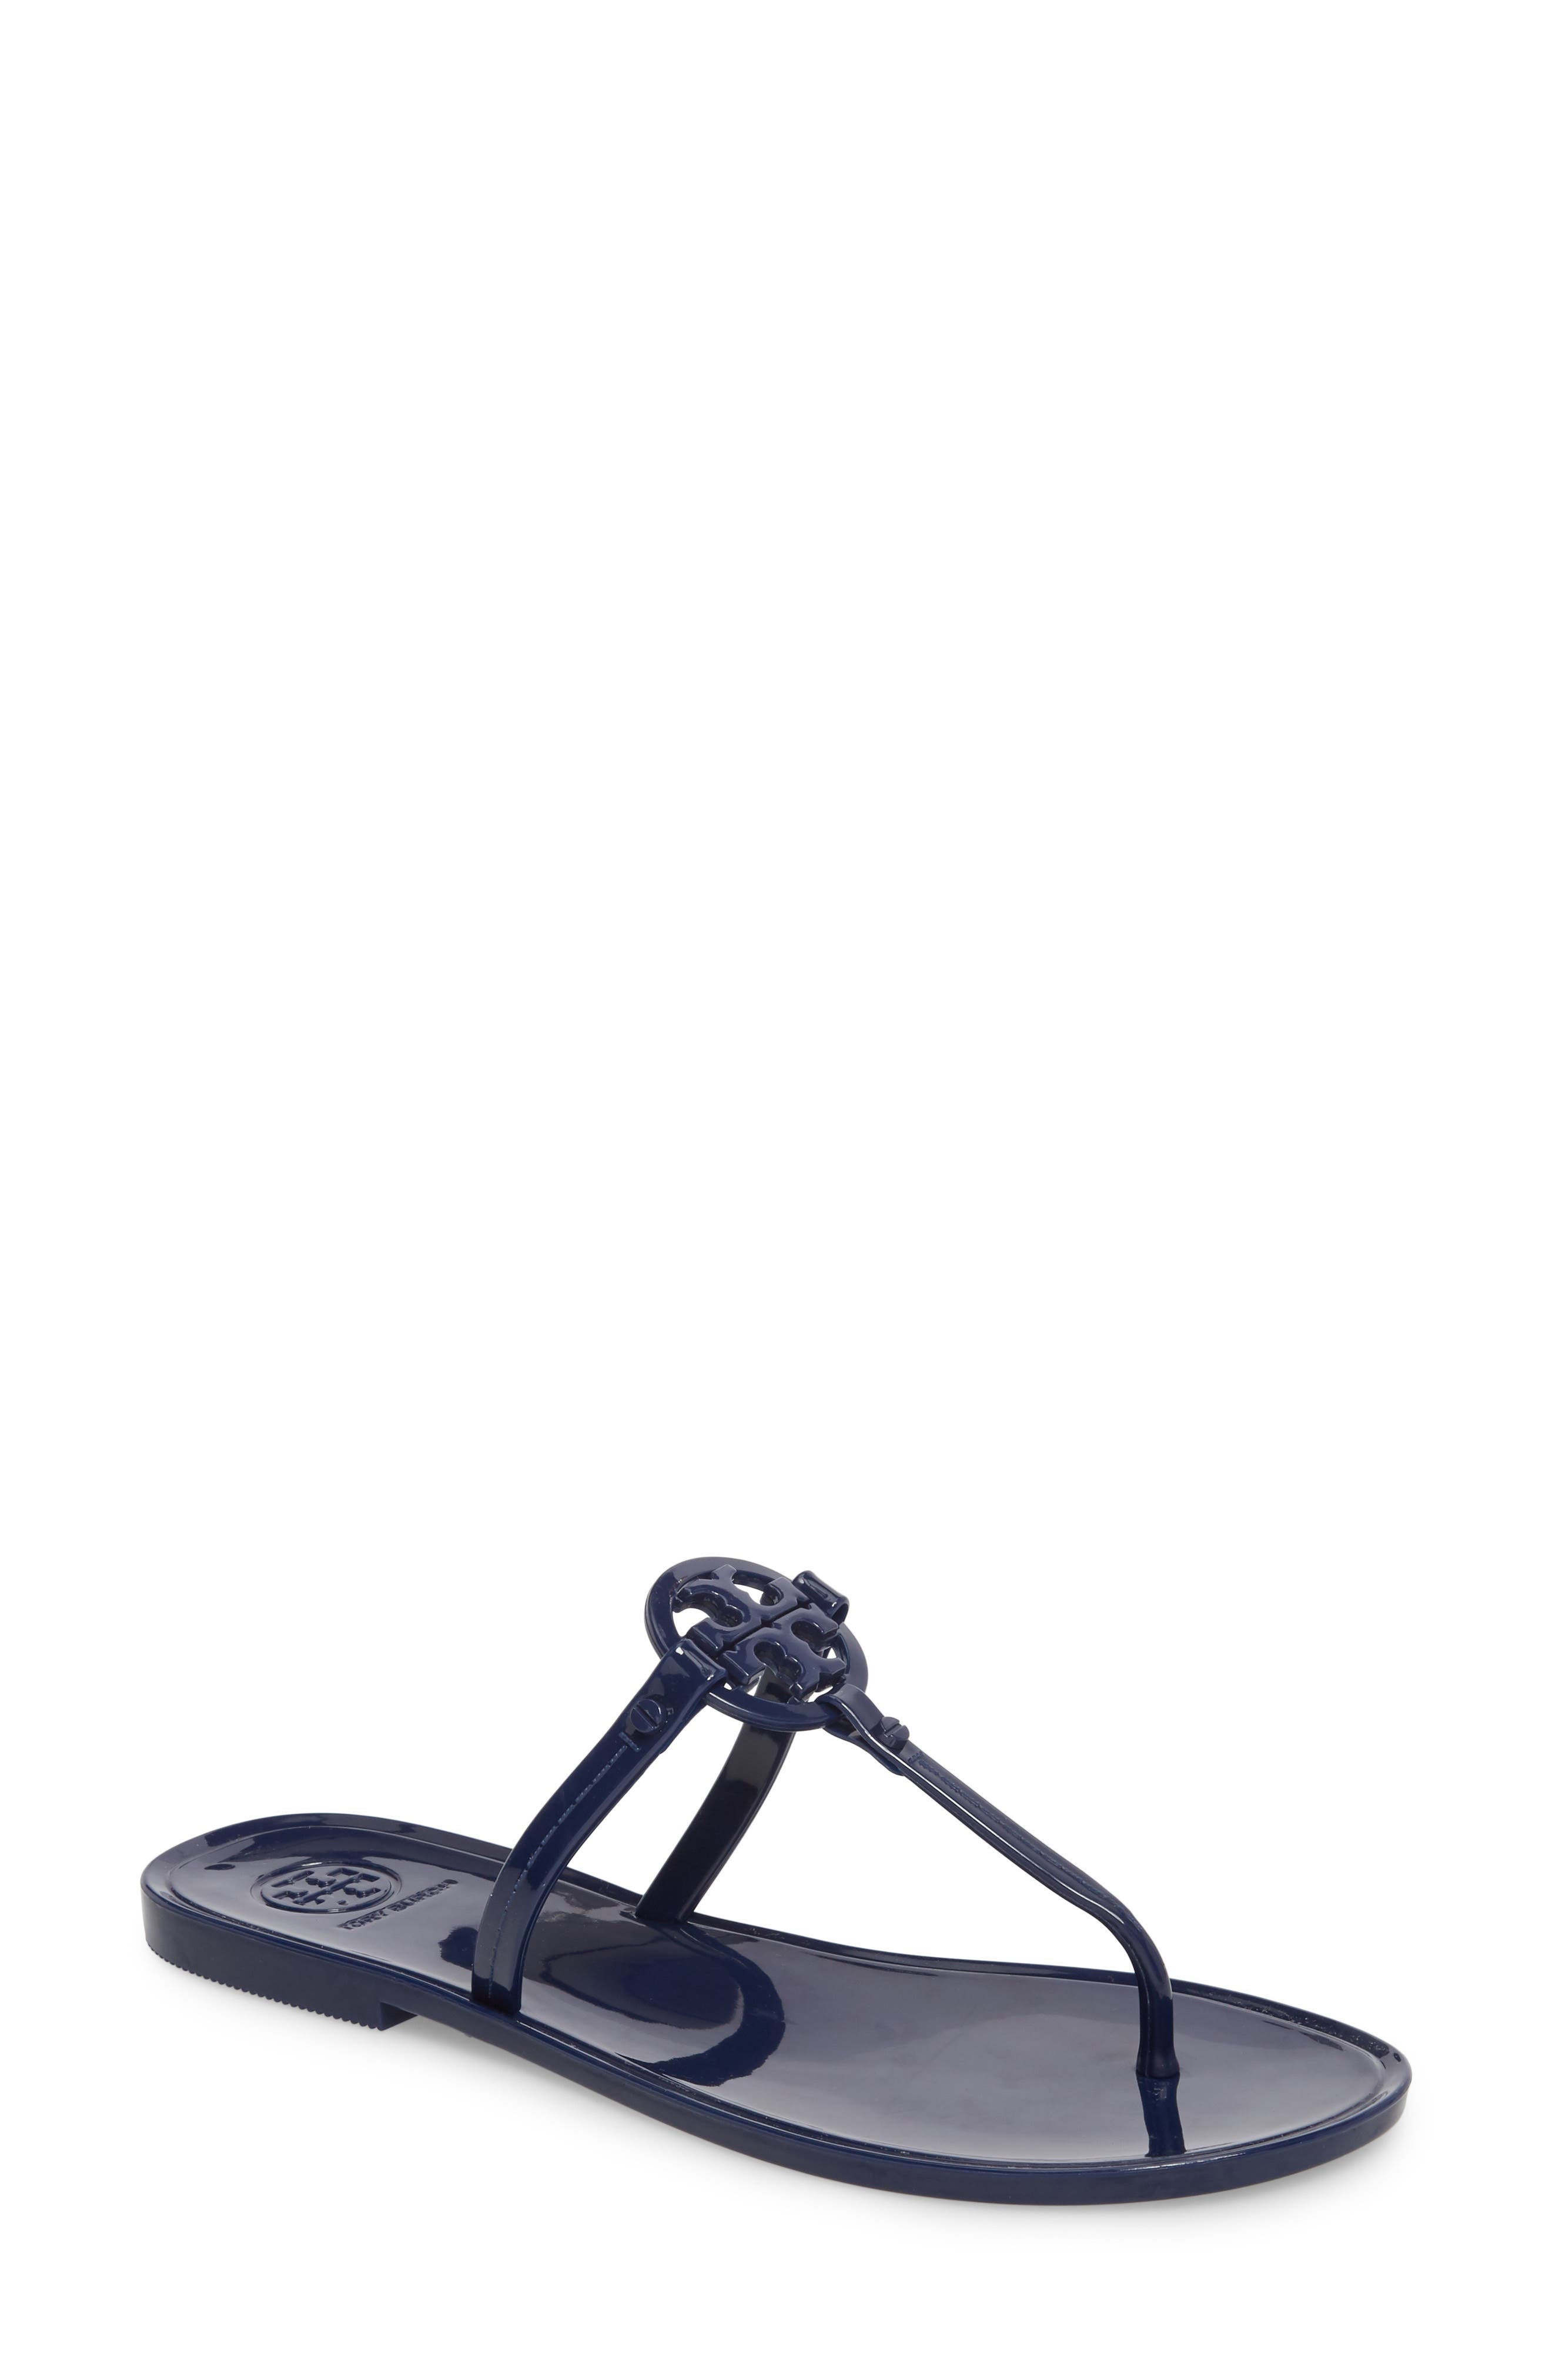 'Mini Miller' Flat Sandal,                             Main thumbnail 1, color,                             Bright Indigo